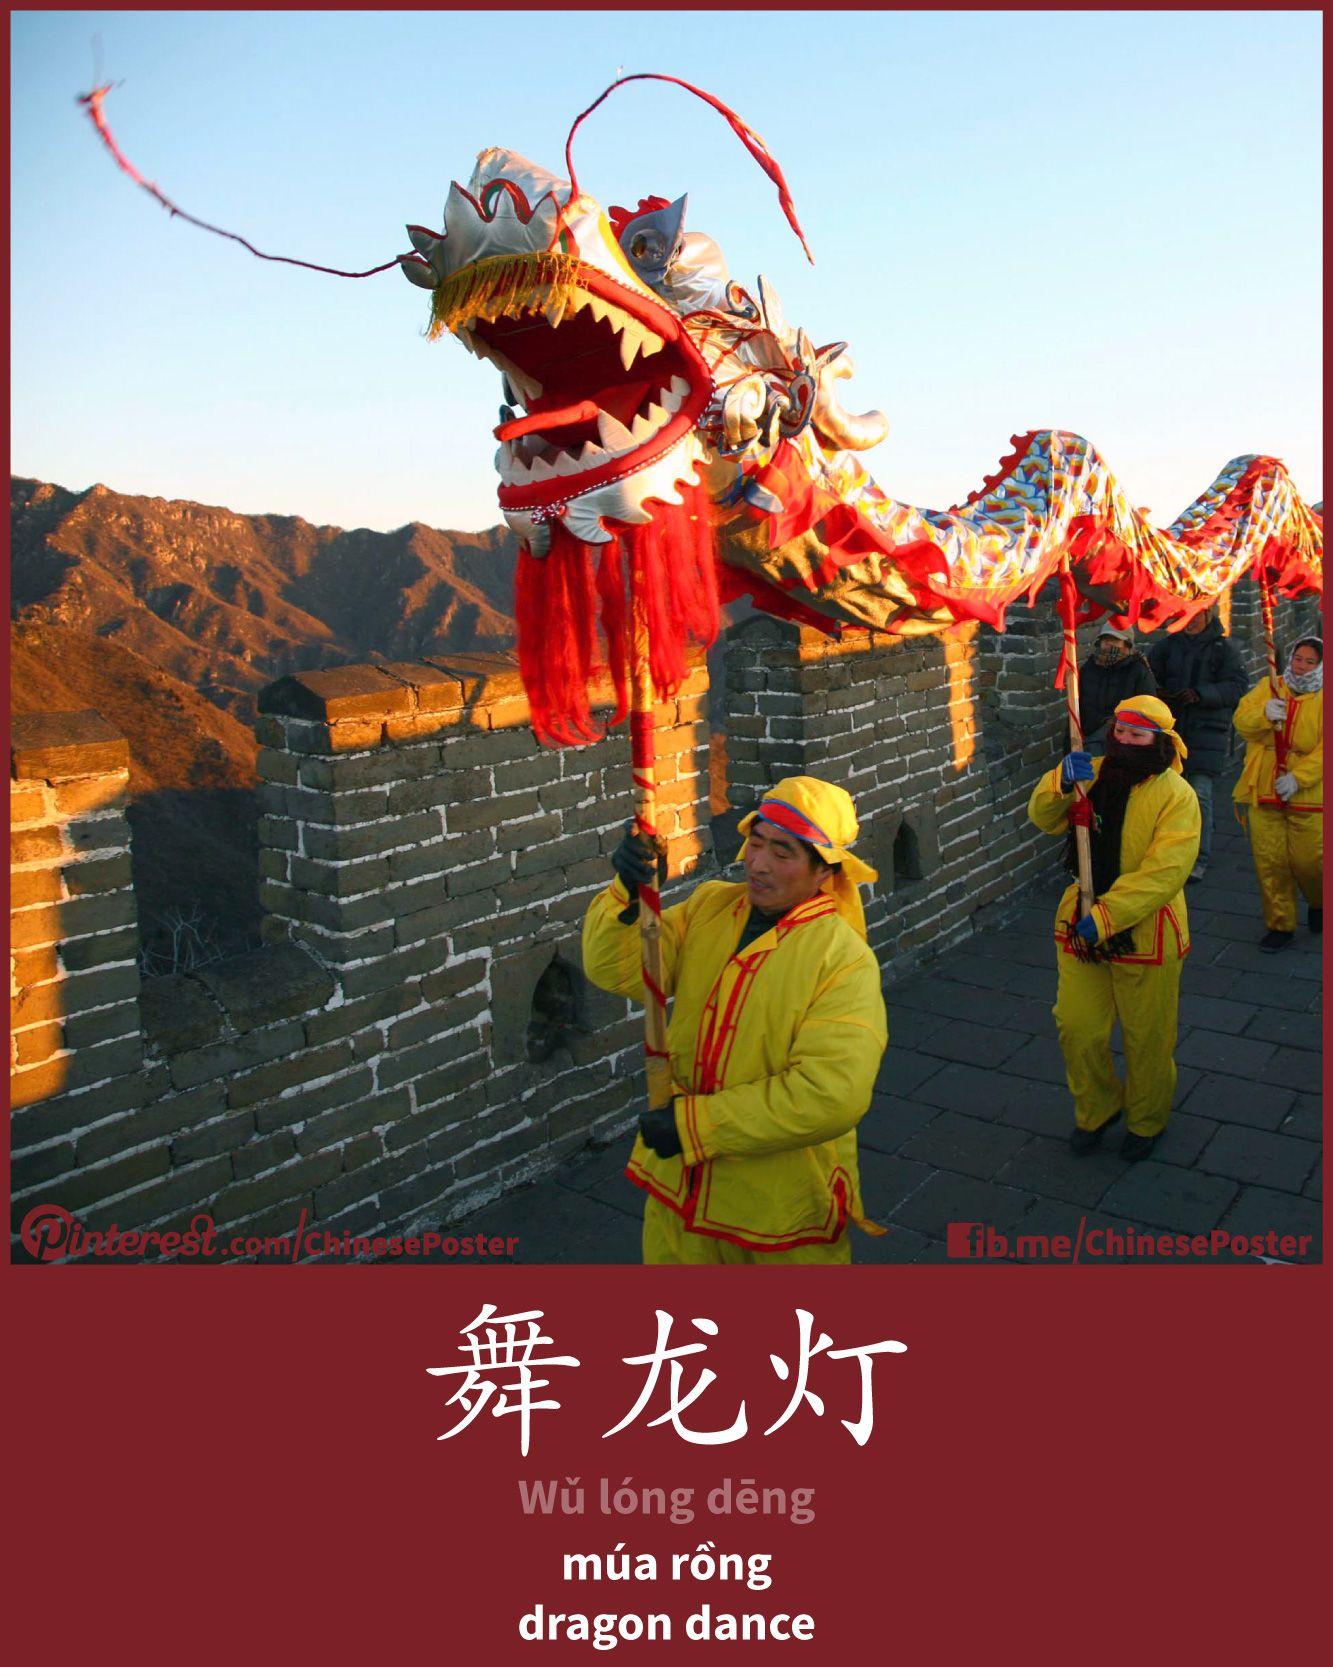 舞龙灯 - Wǔ lóngdēng - múa rồng - dragon dance | Chinesisch ...